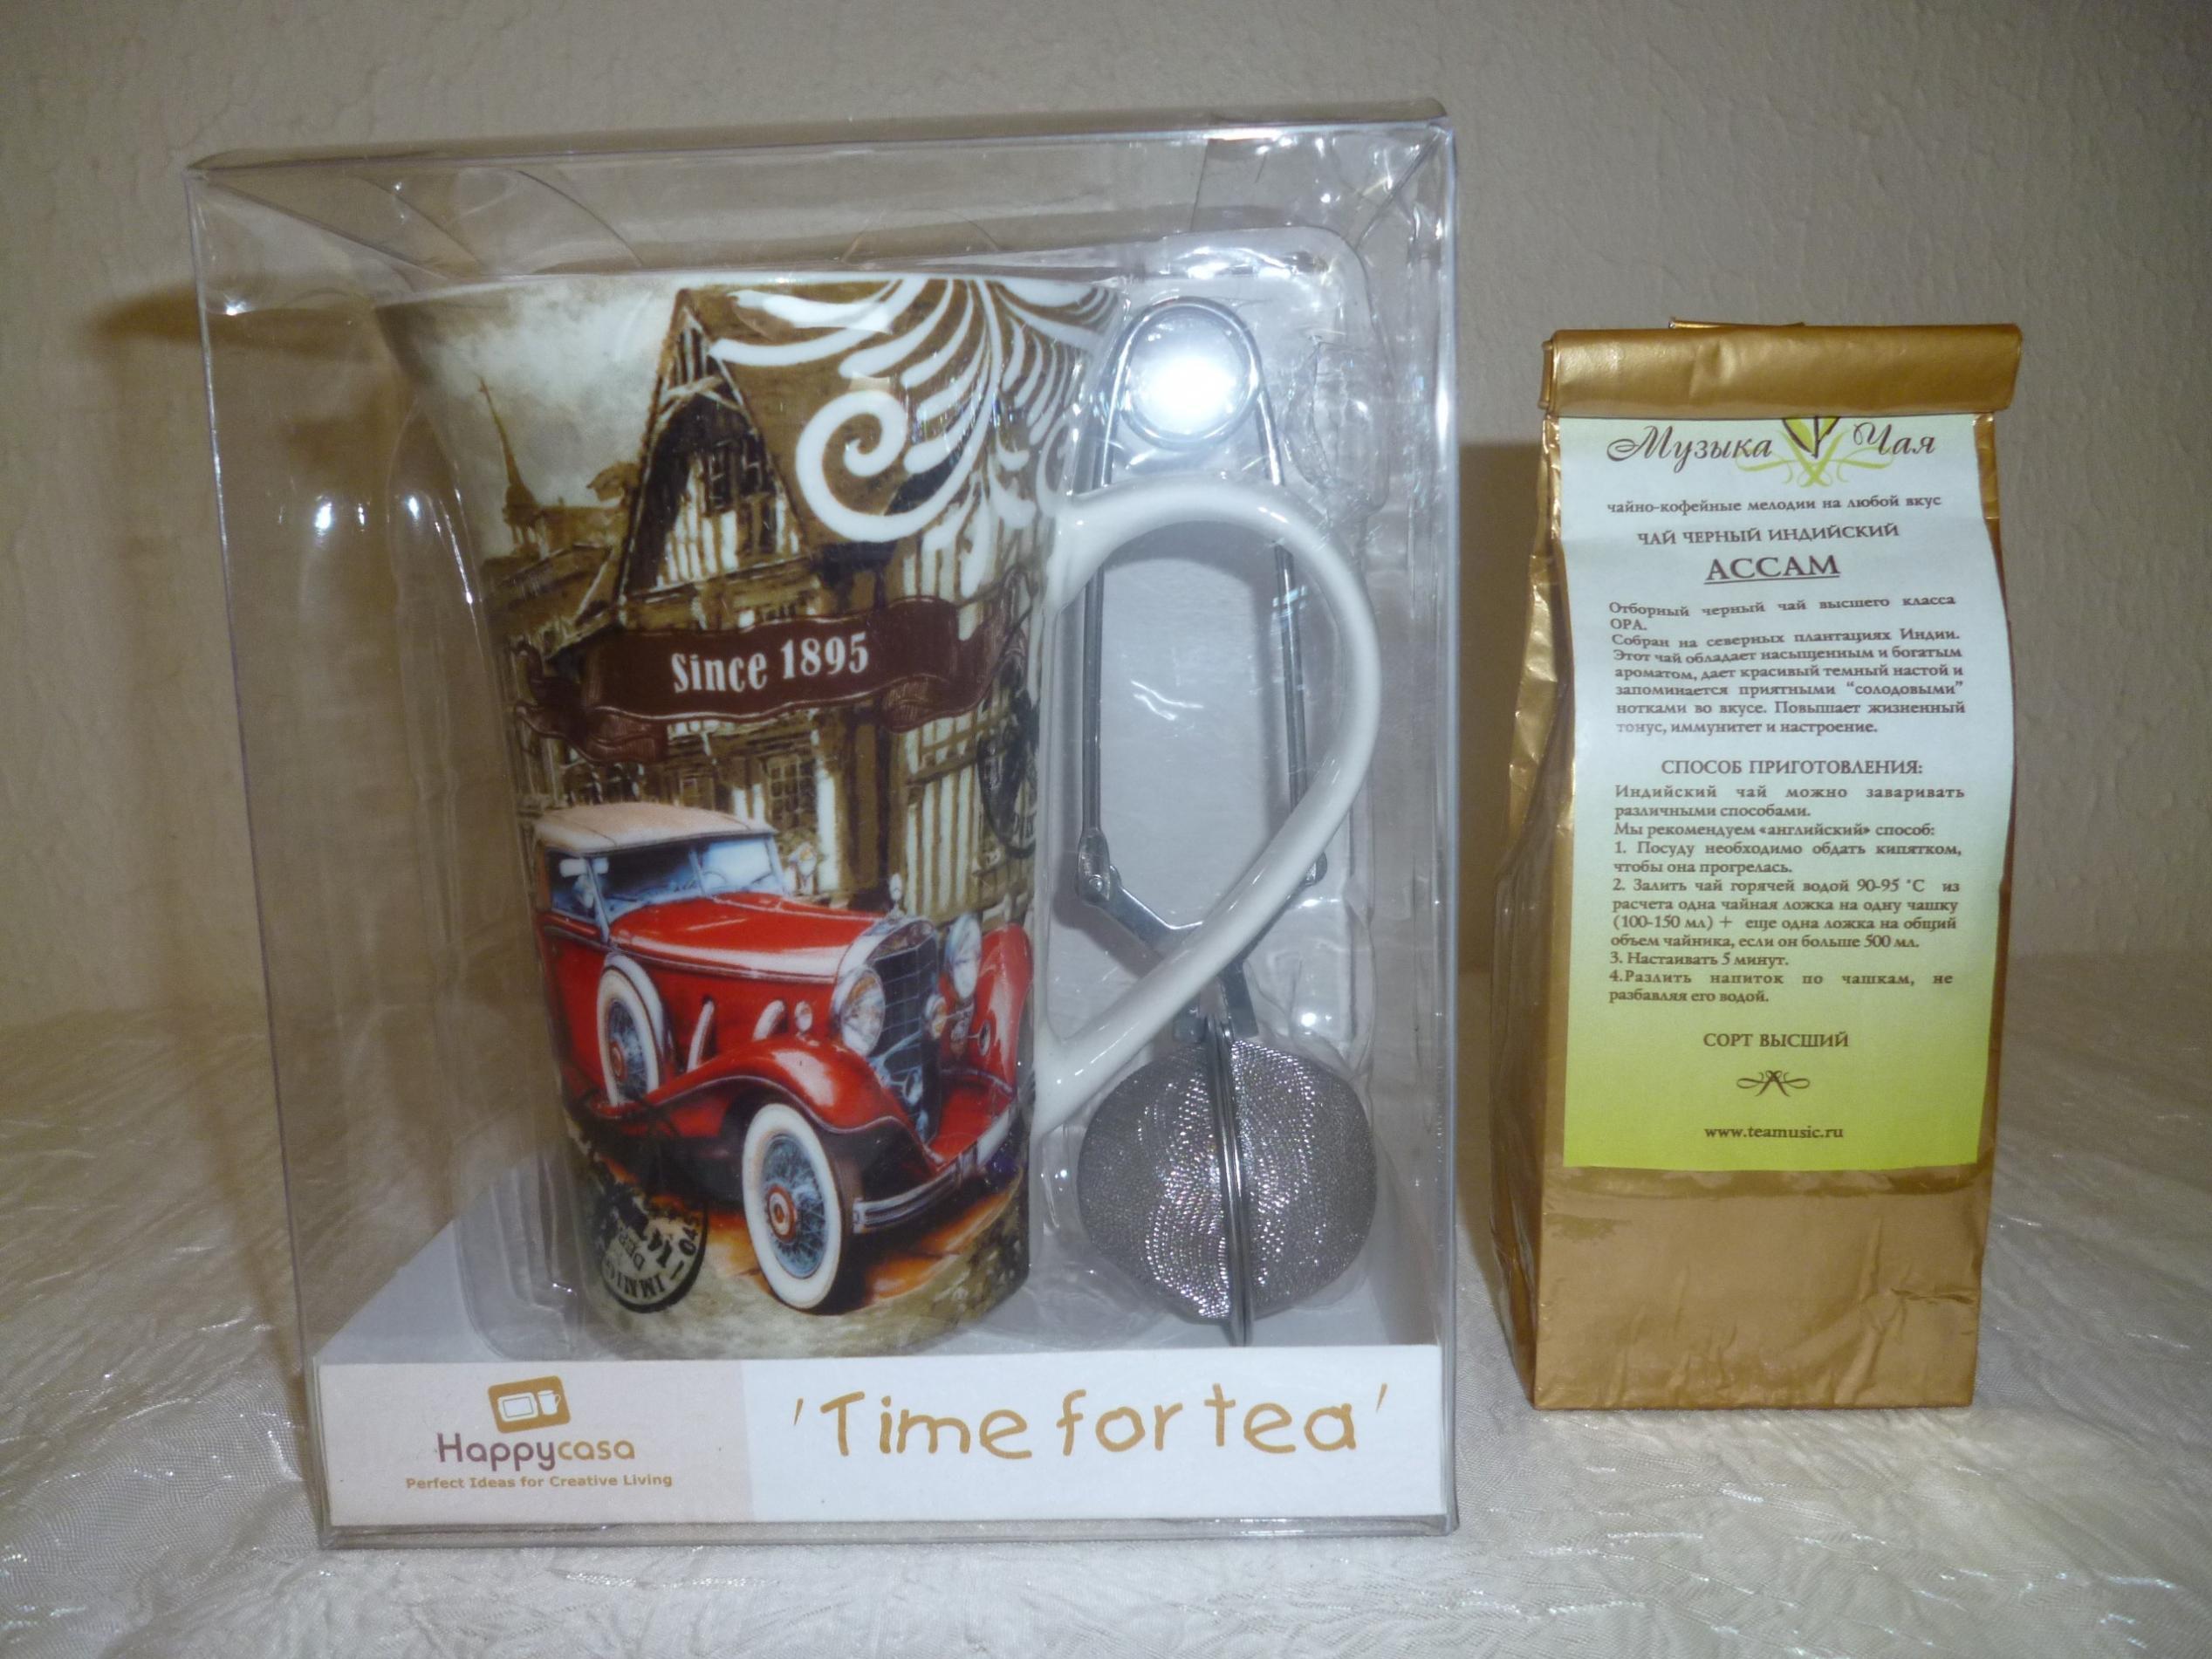 Поздравление к подарку чаи